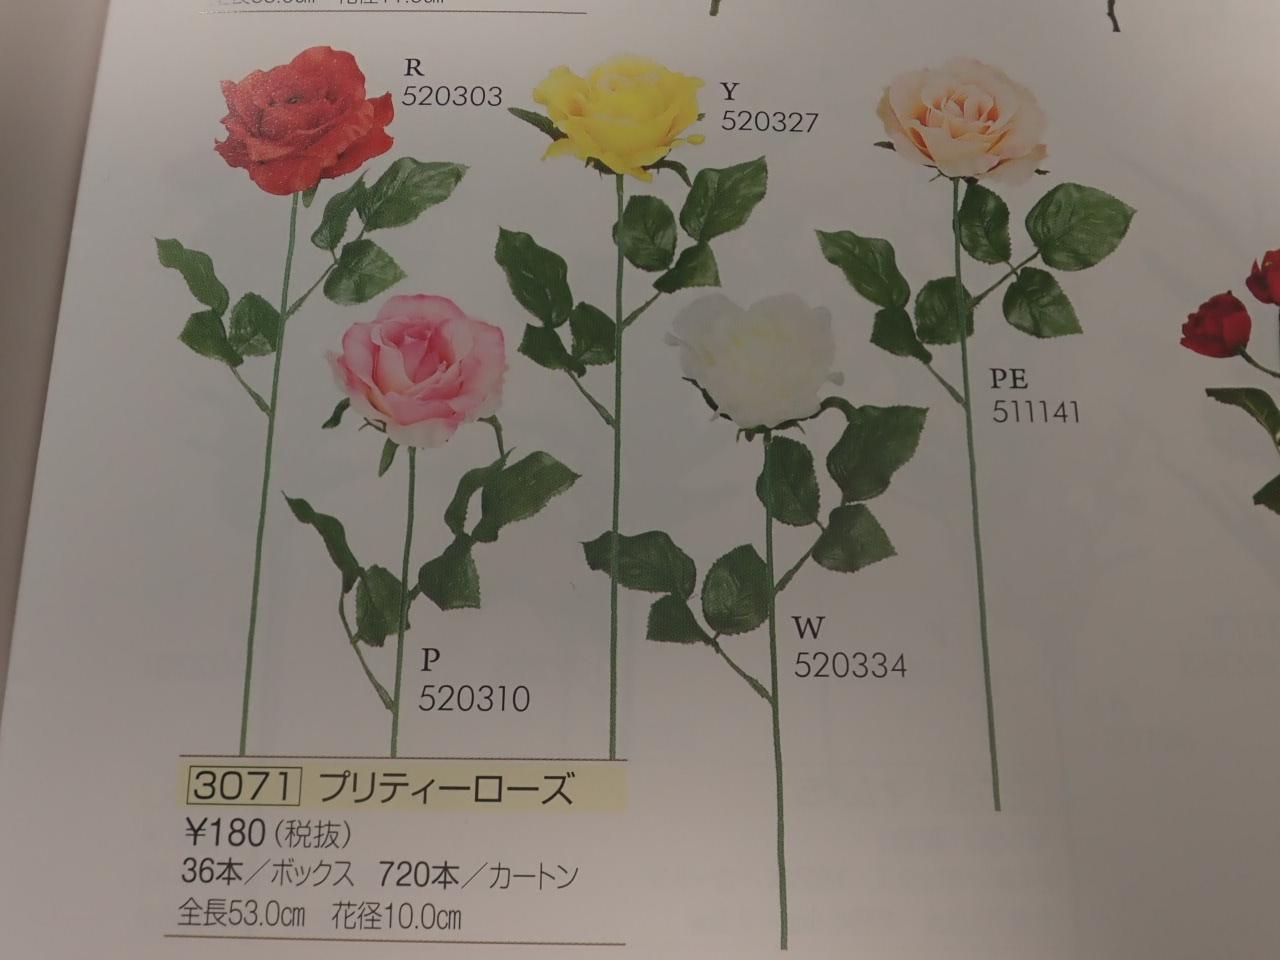 販促用造花卸価格(プリティーローズローズ・レッド)単色36本入り3071}